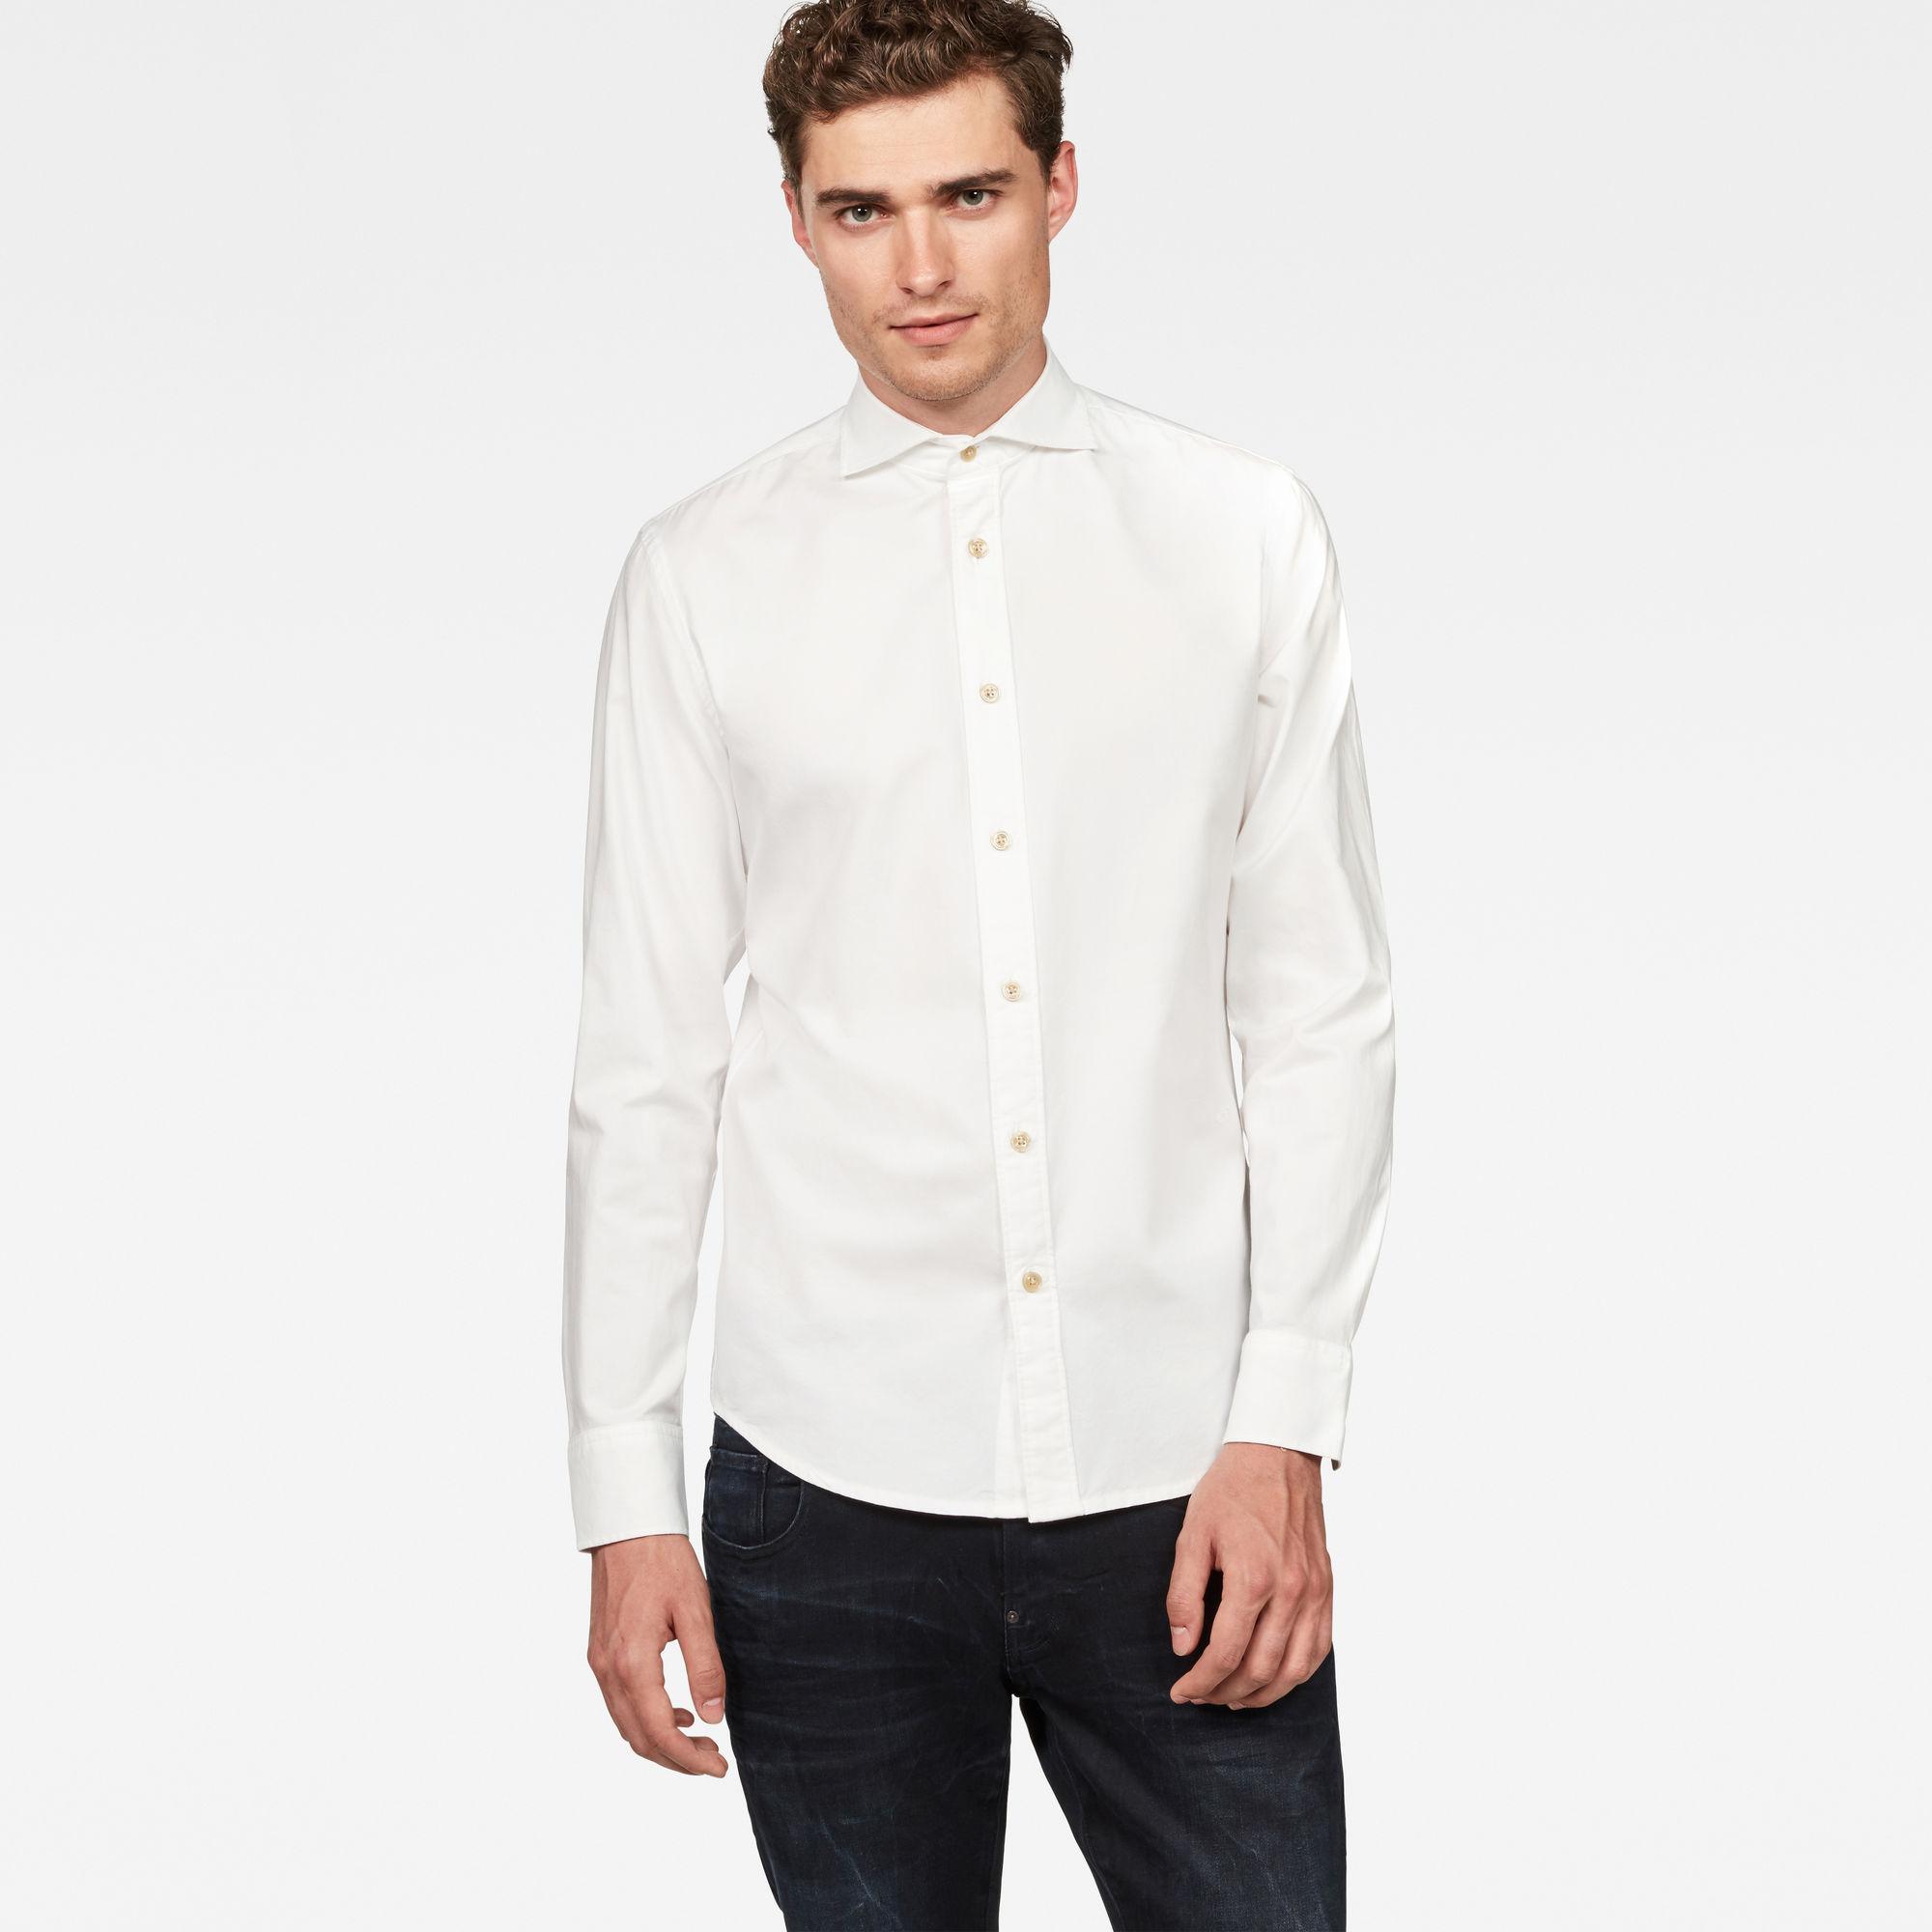 Bristum Wide Spread Shirt